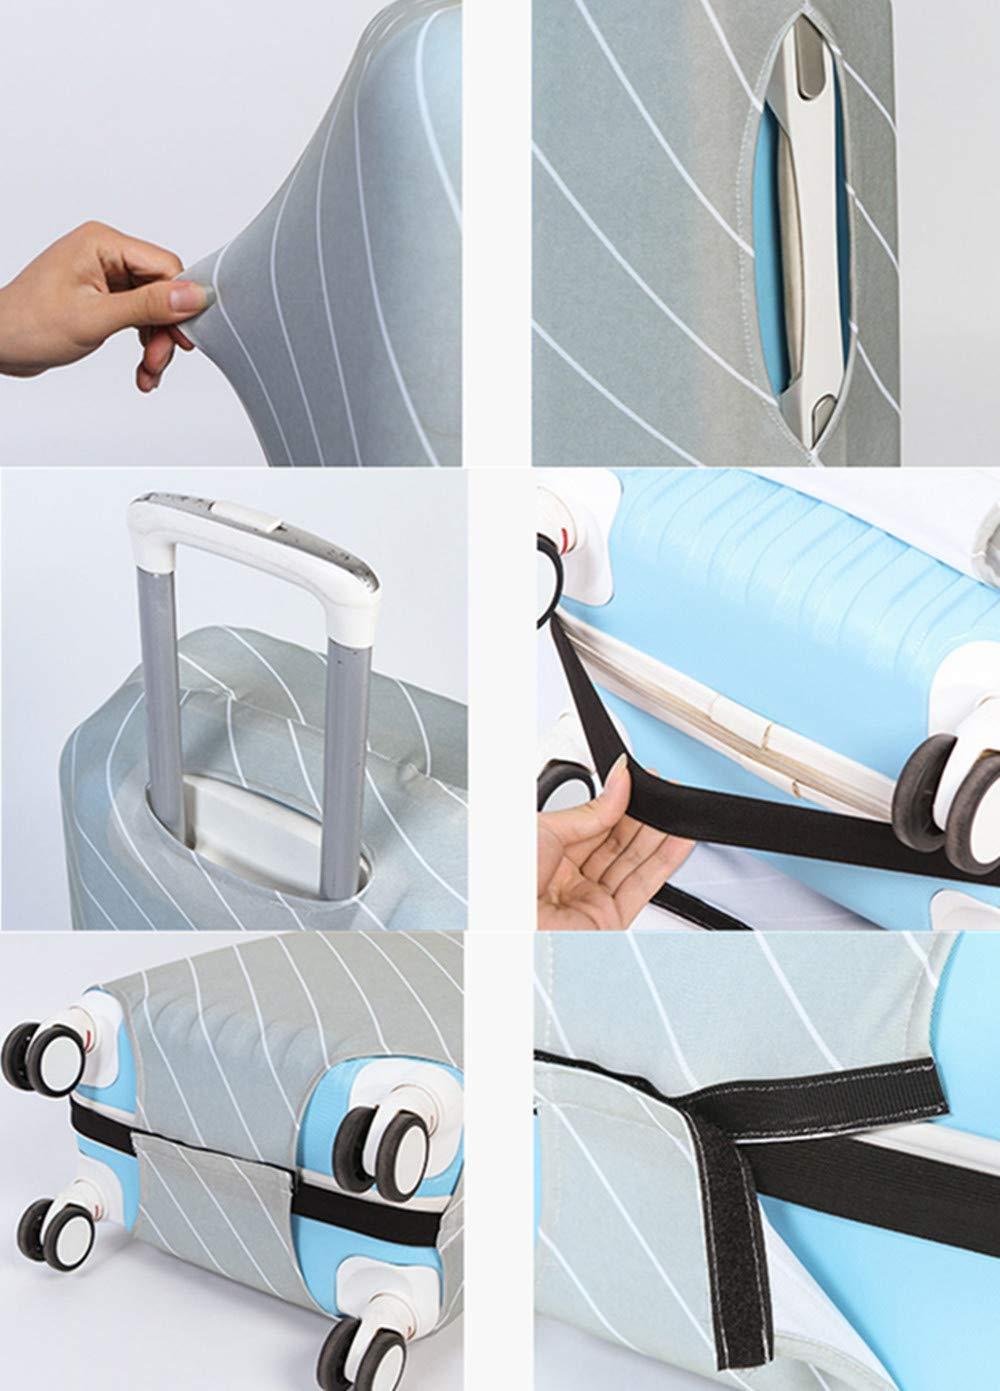 Housse de Valise Pouce Valise Pouces Luggage Cover en Polyester Protection De Valise Housse Bagage Voyager Protecteur Couverture Black White, L